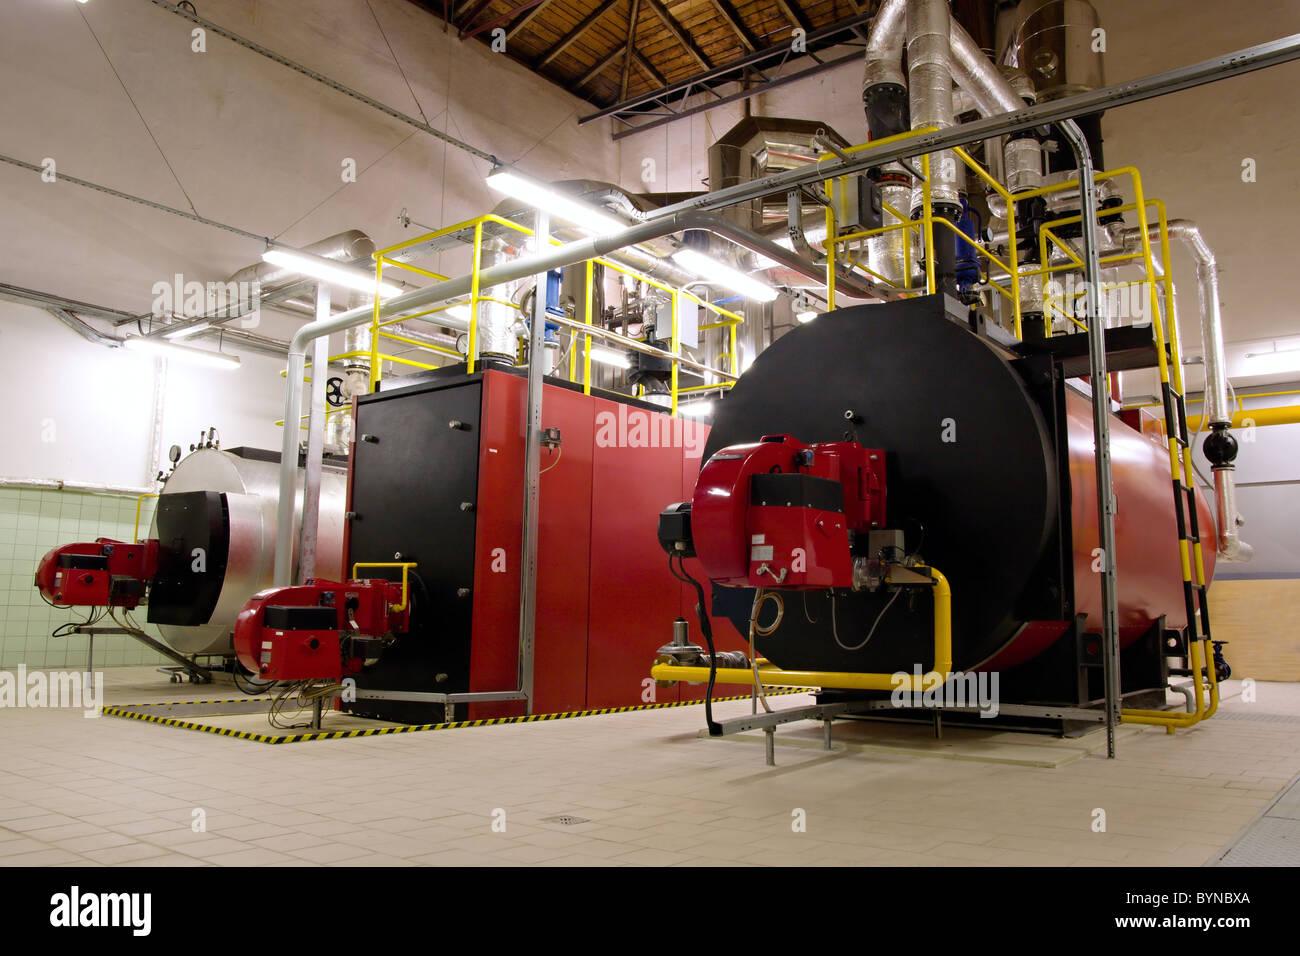 Gas-Heizkessel im Heizraum Gas für die Dampferzeugung Stockfoto ...